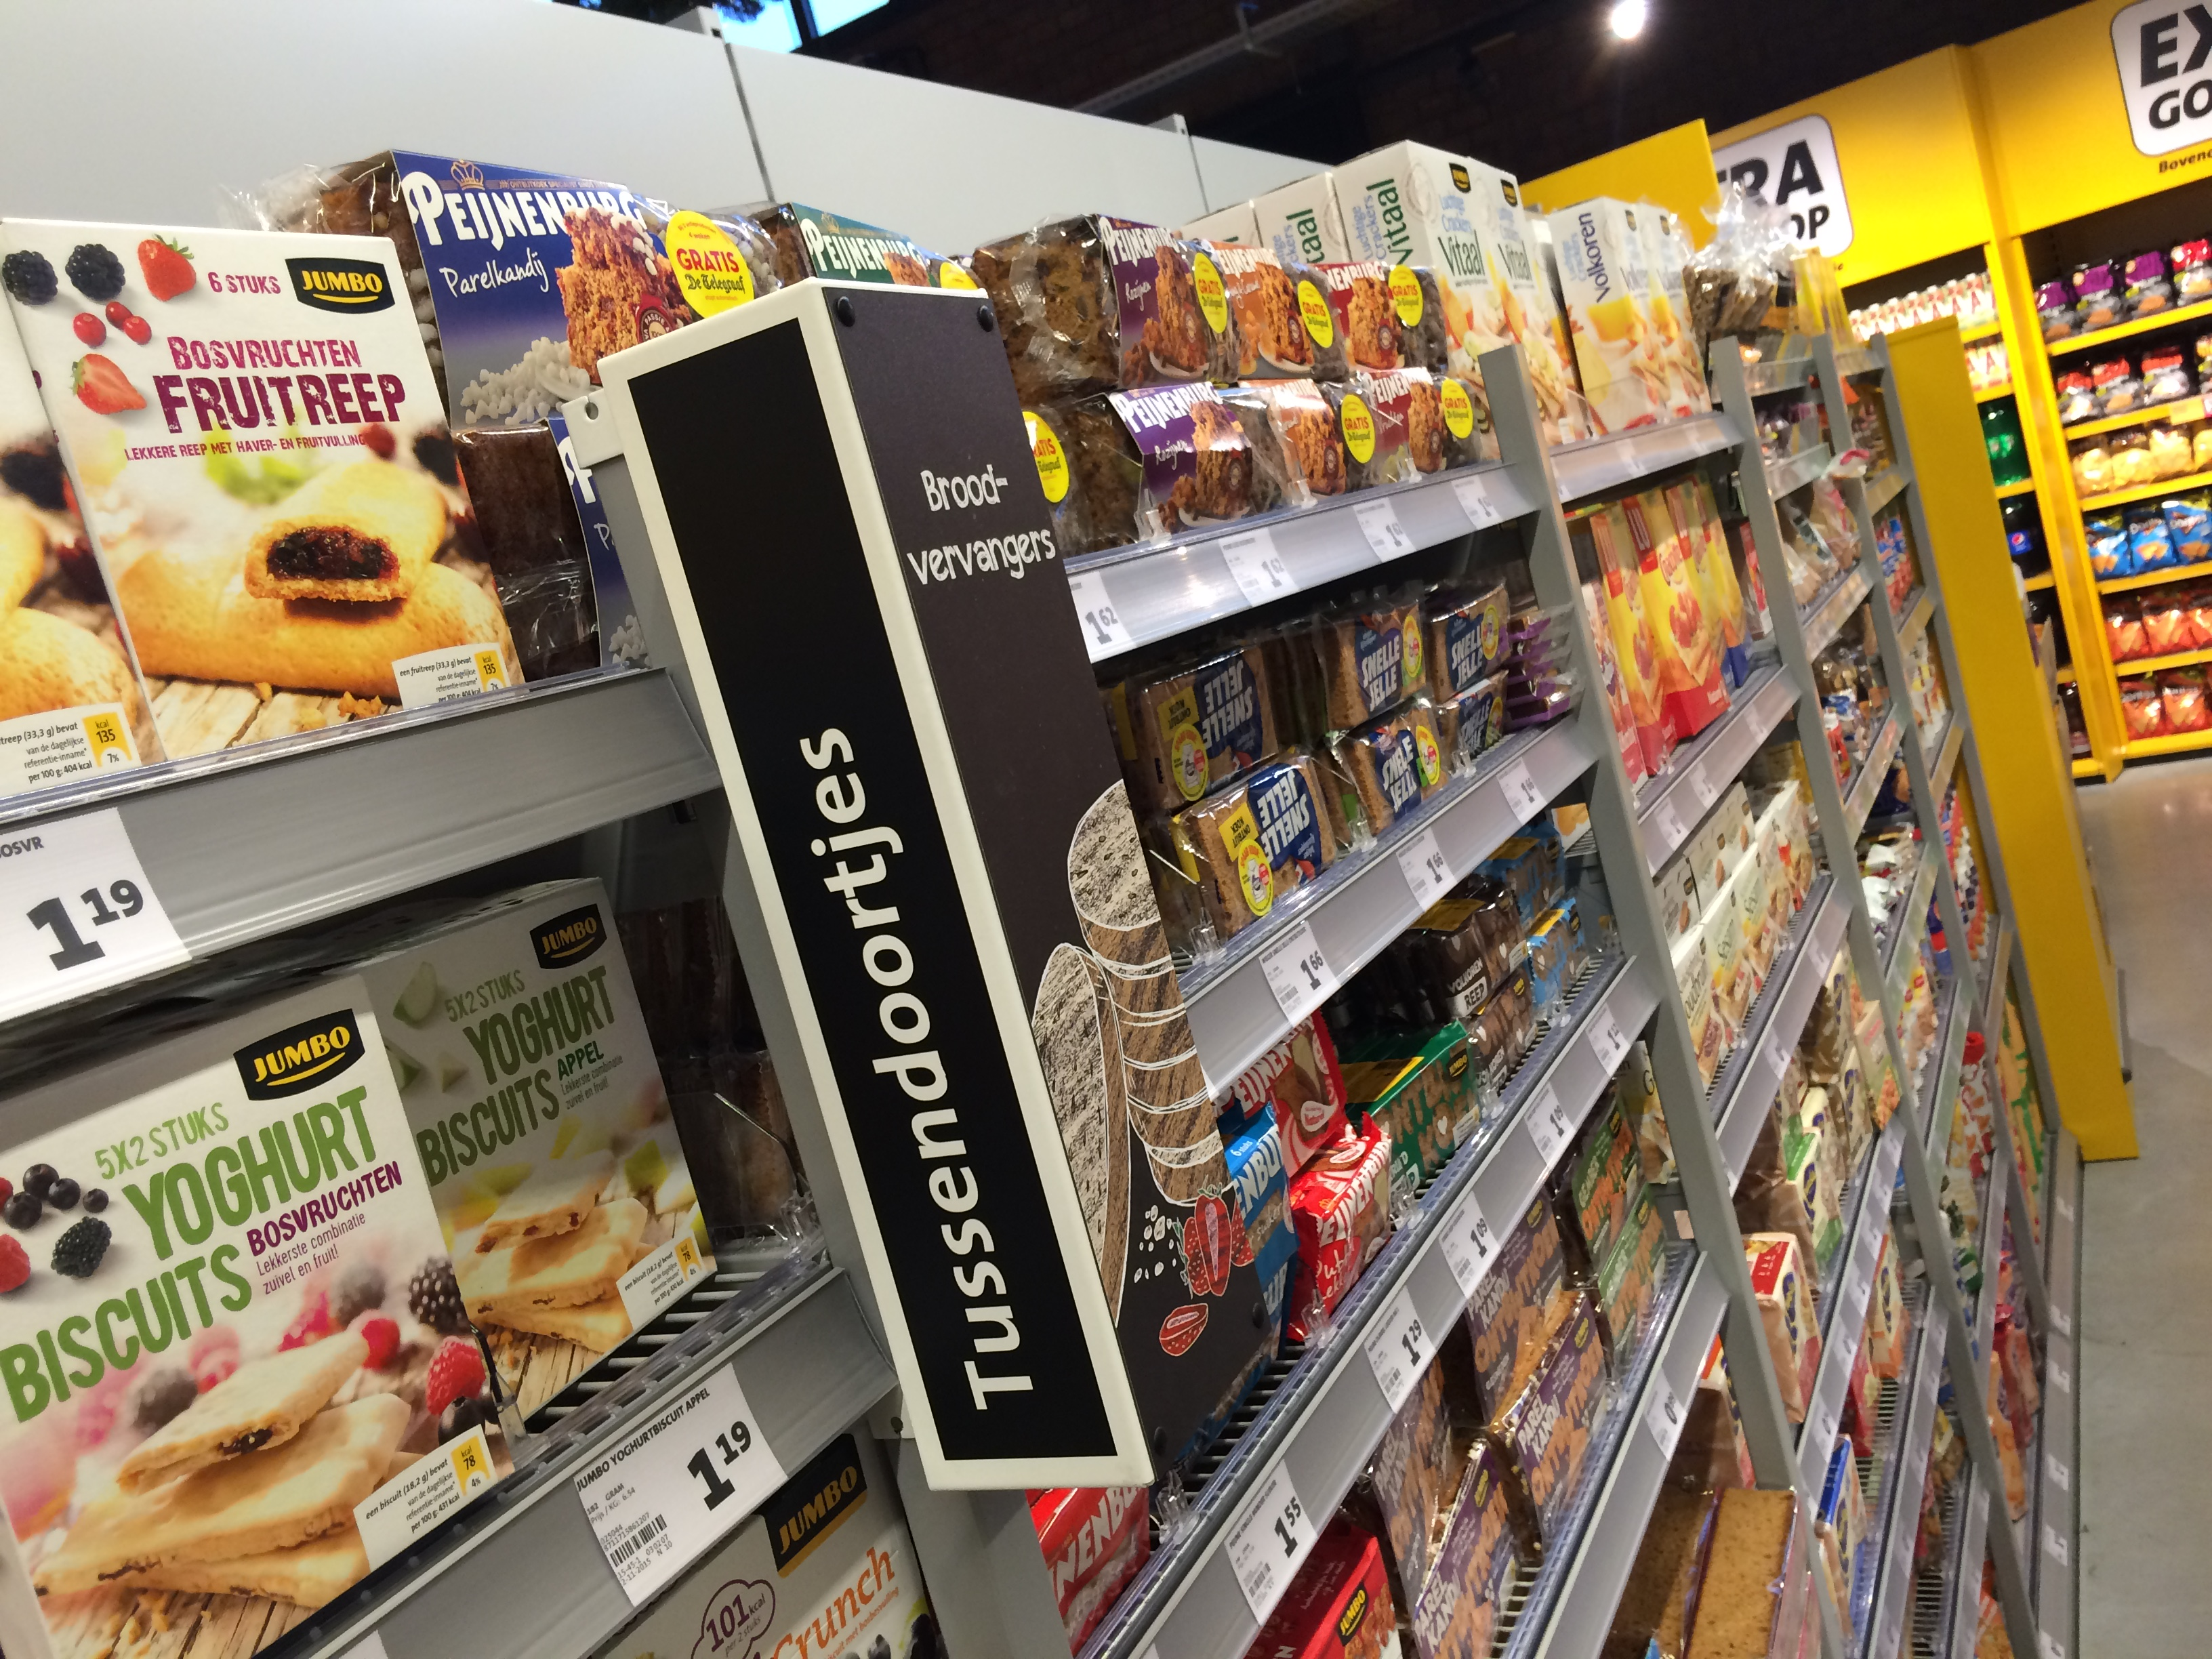 Tussendoorschap bij Jumbo Foodmarkt veghel iPhone foto's